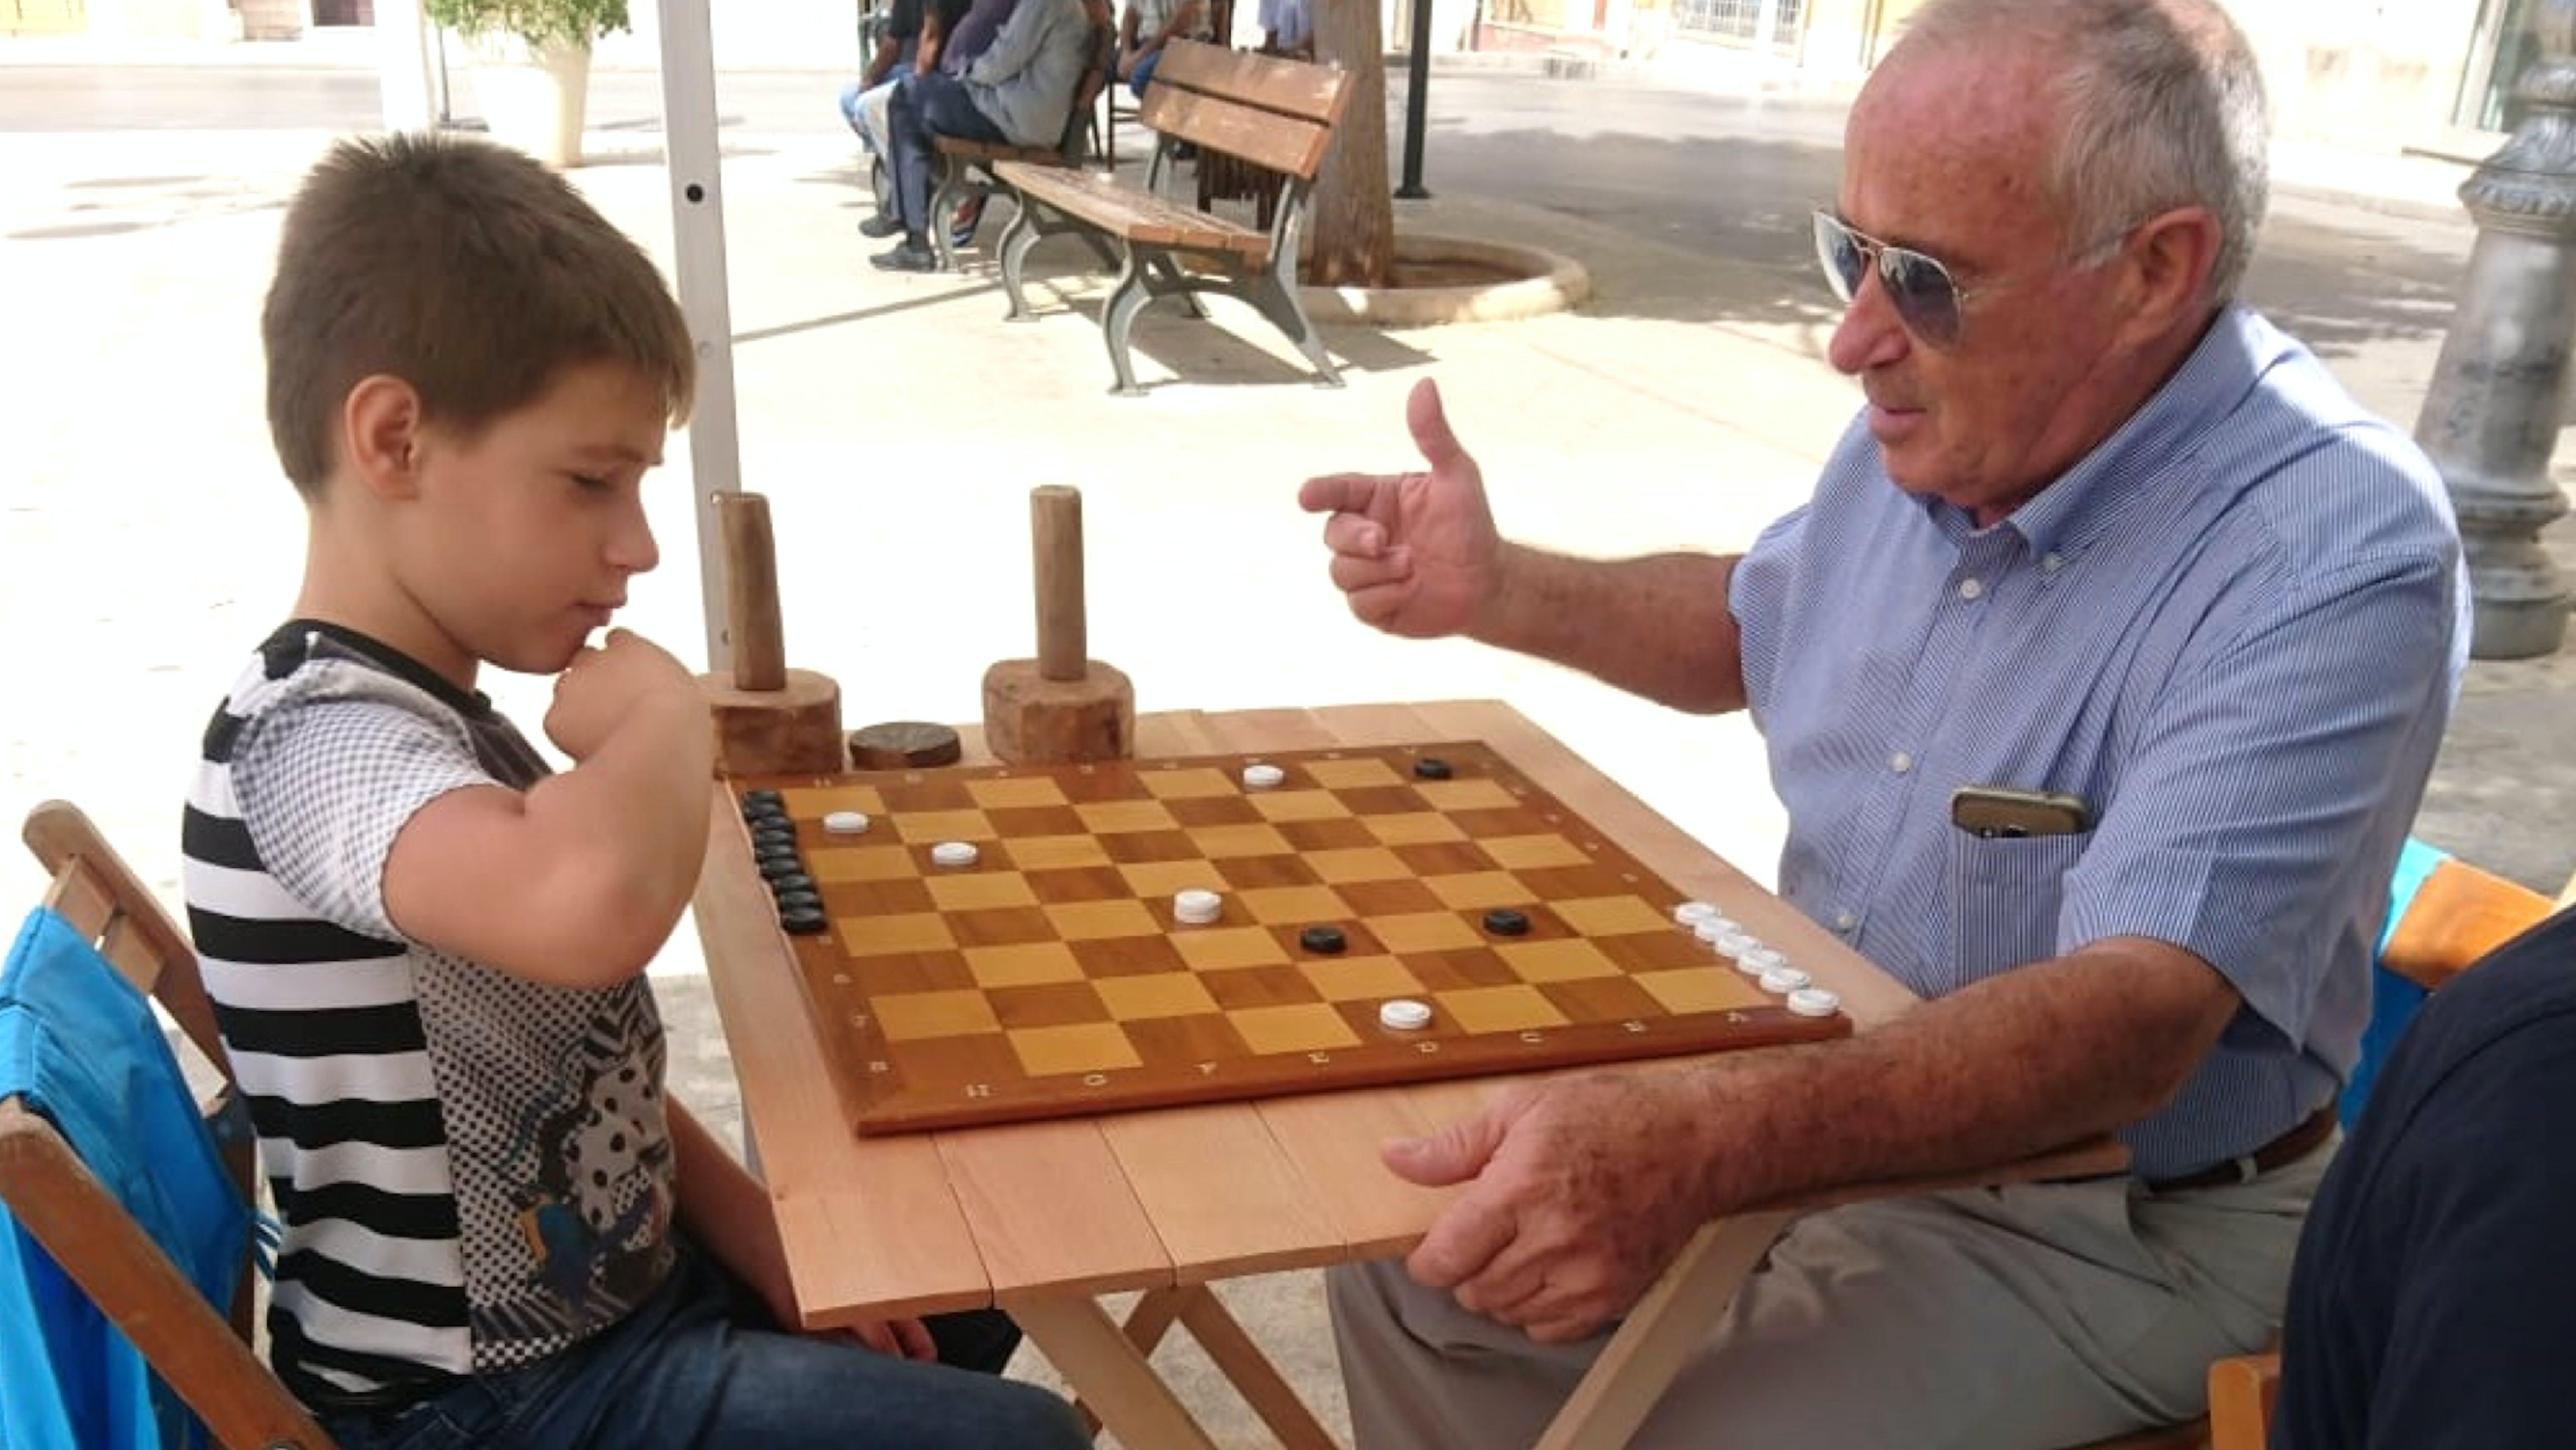 Sfida accesissima tra nonno e nipote in provincia di Ragusa